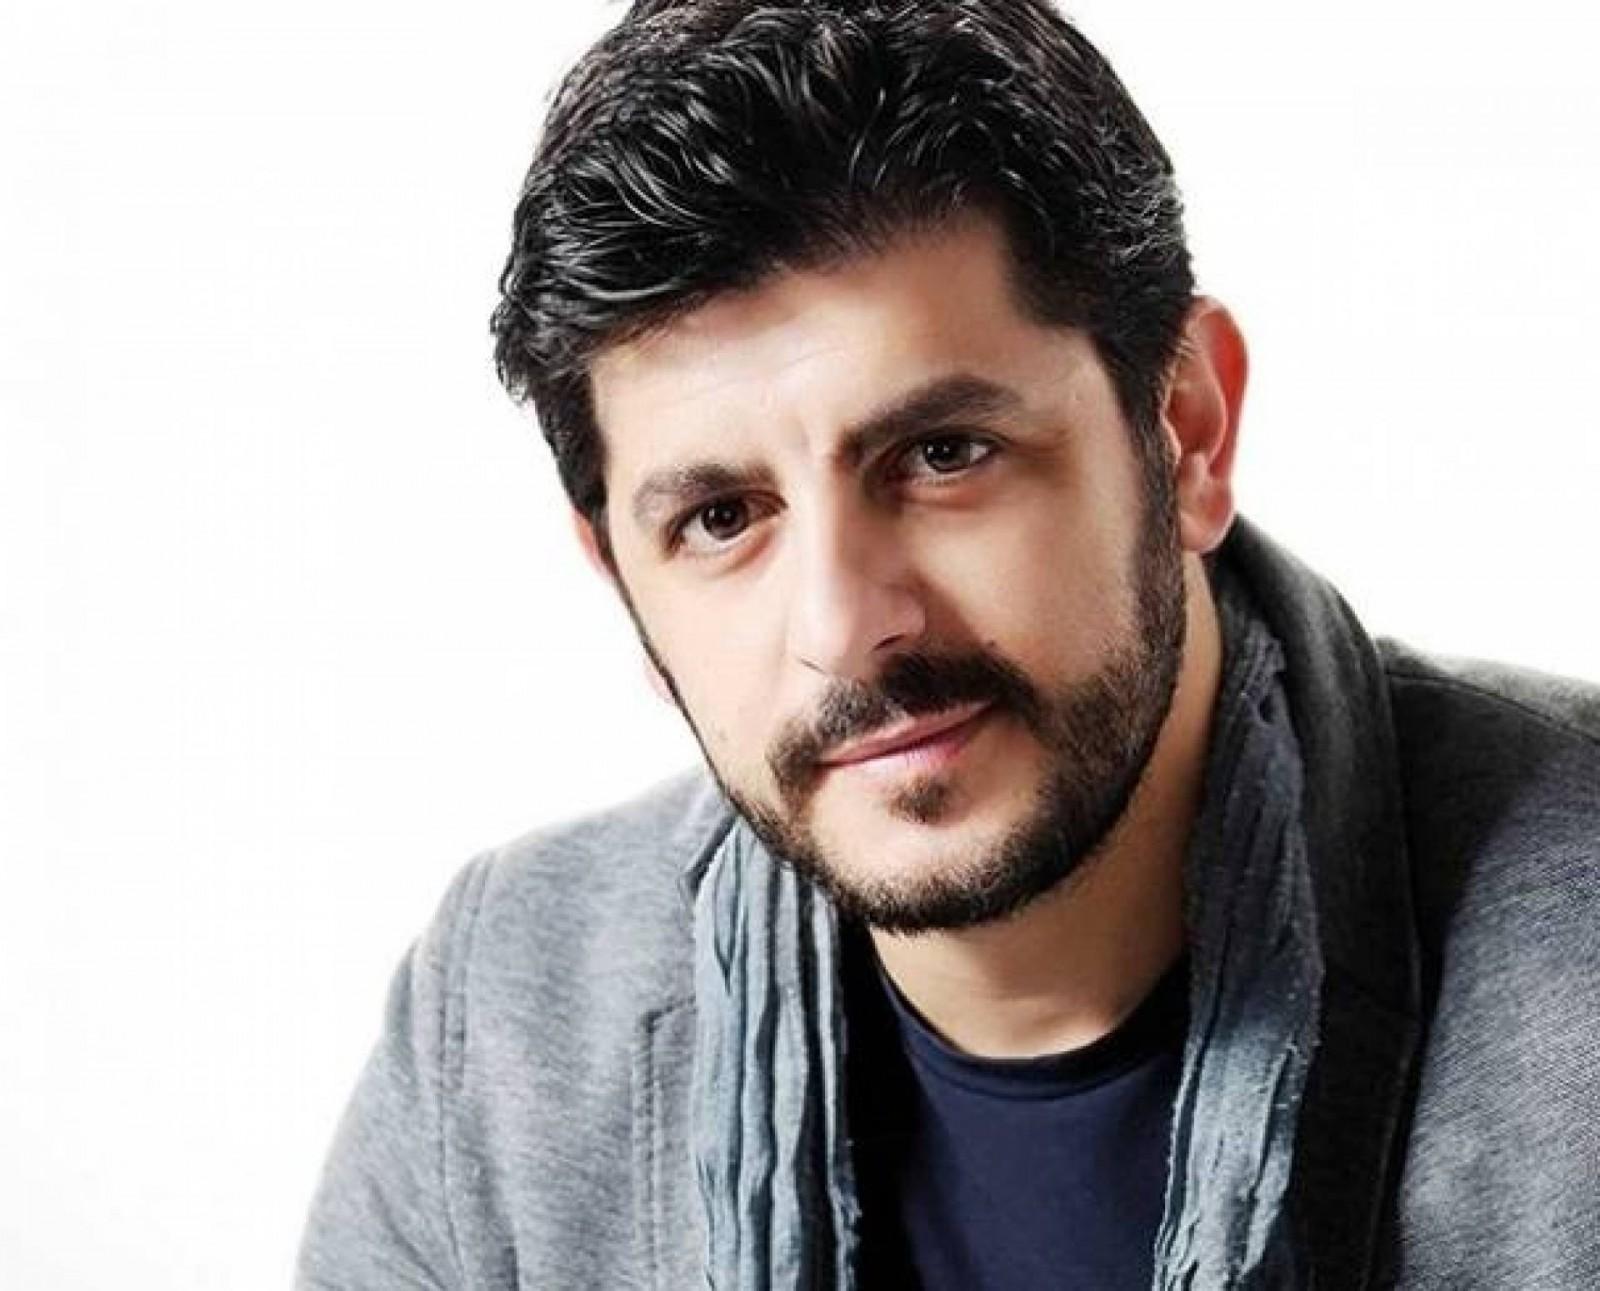 طوني عيسى يقاطع الصحافة اللبنانية.. ويتجاهل السبب